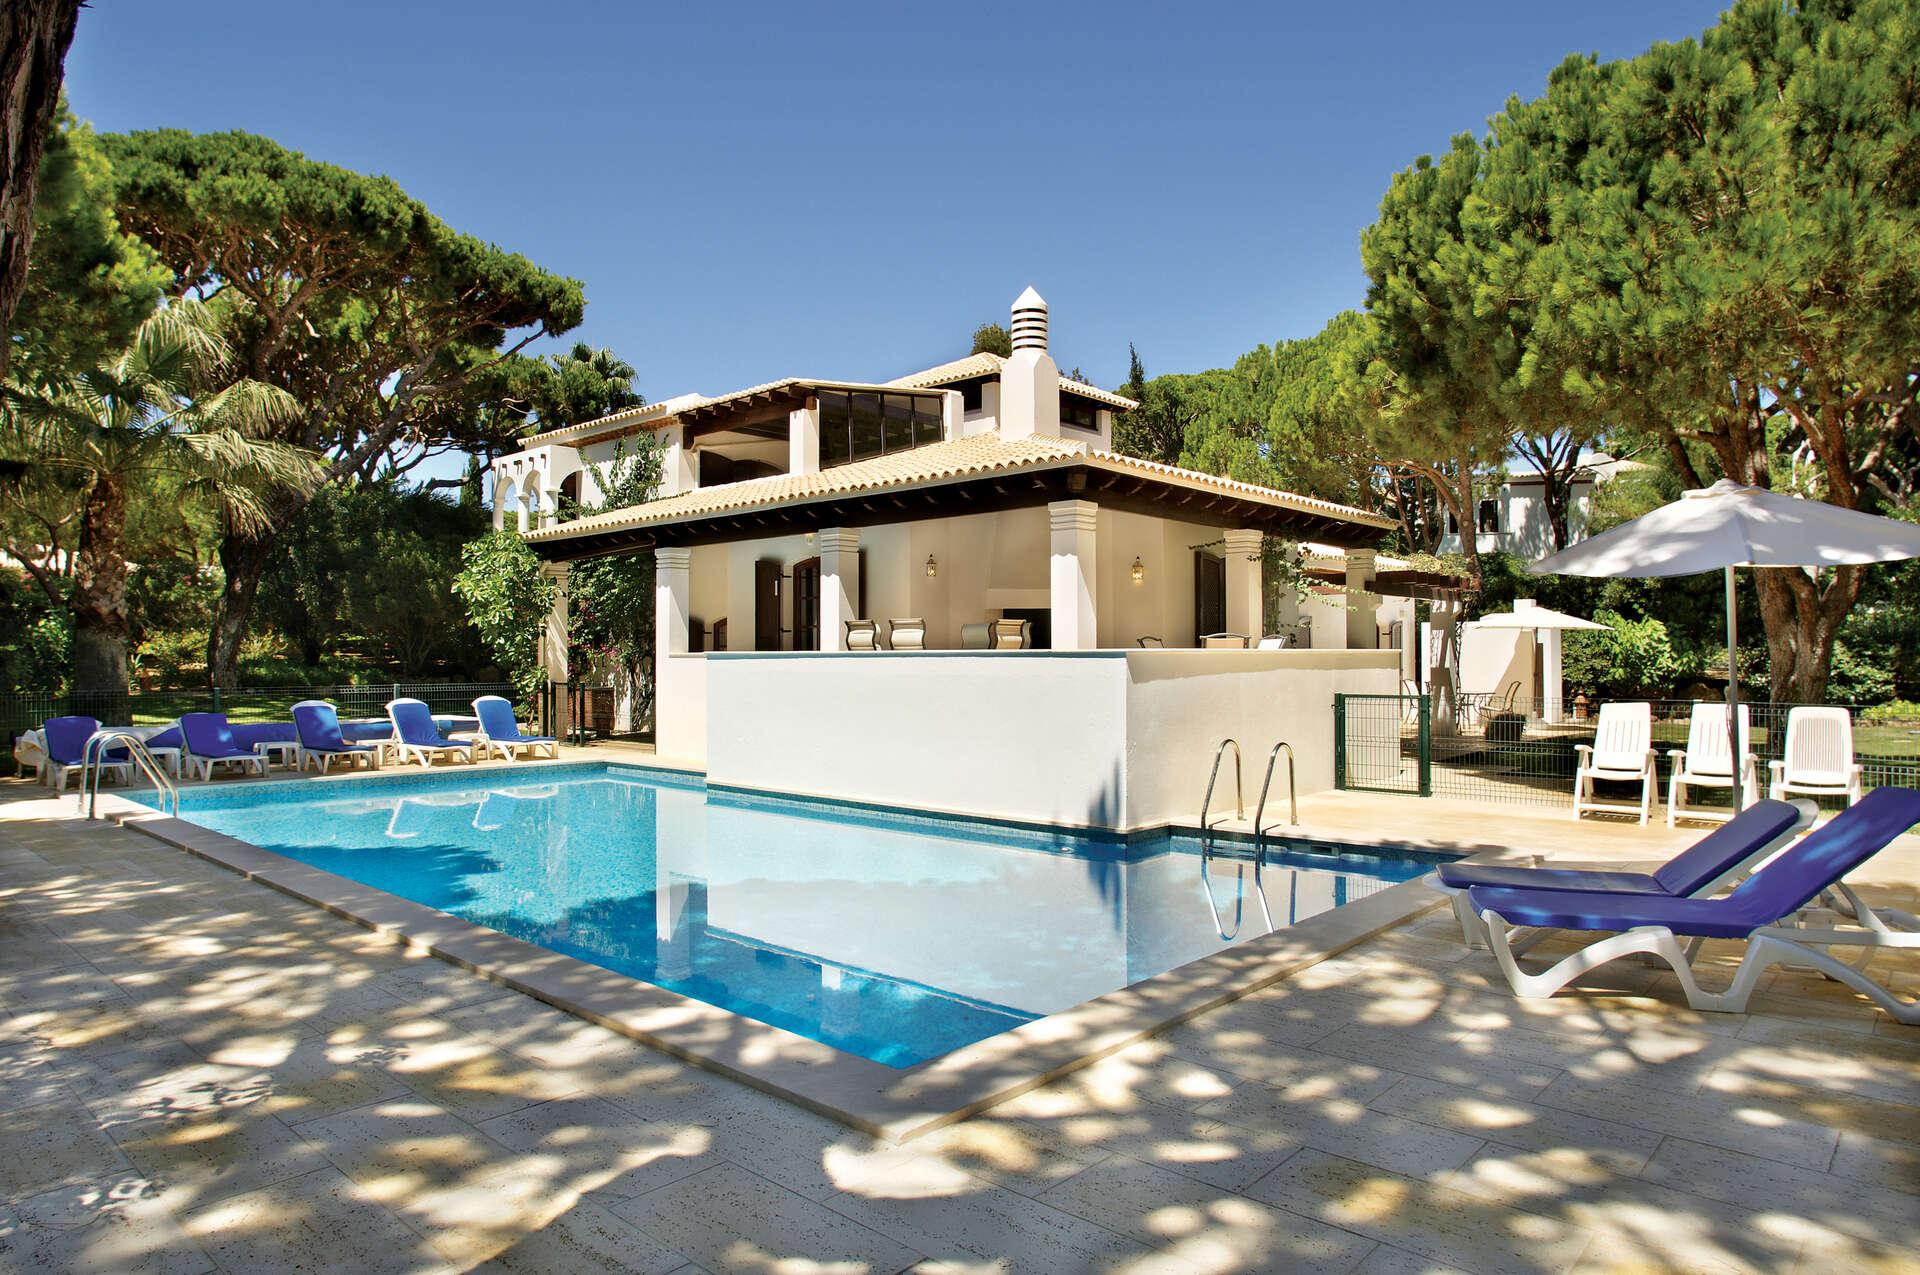 Luxury vacation rentals europe - Portugal - Algarve - Pine cliffs resort - Aurora | M5 - Image 1/24